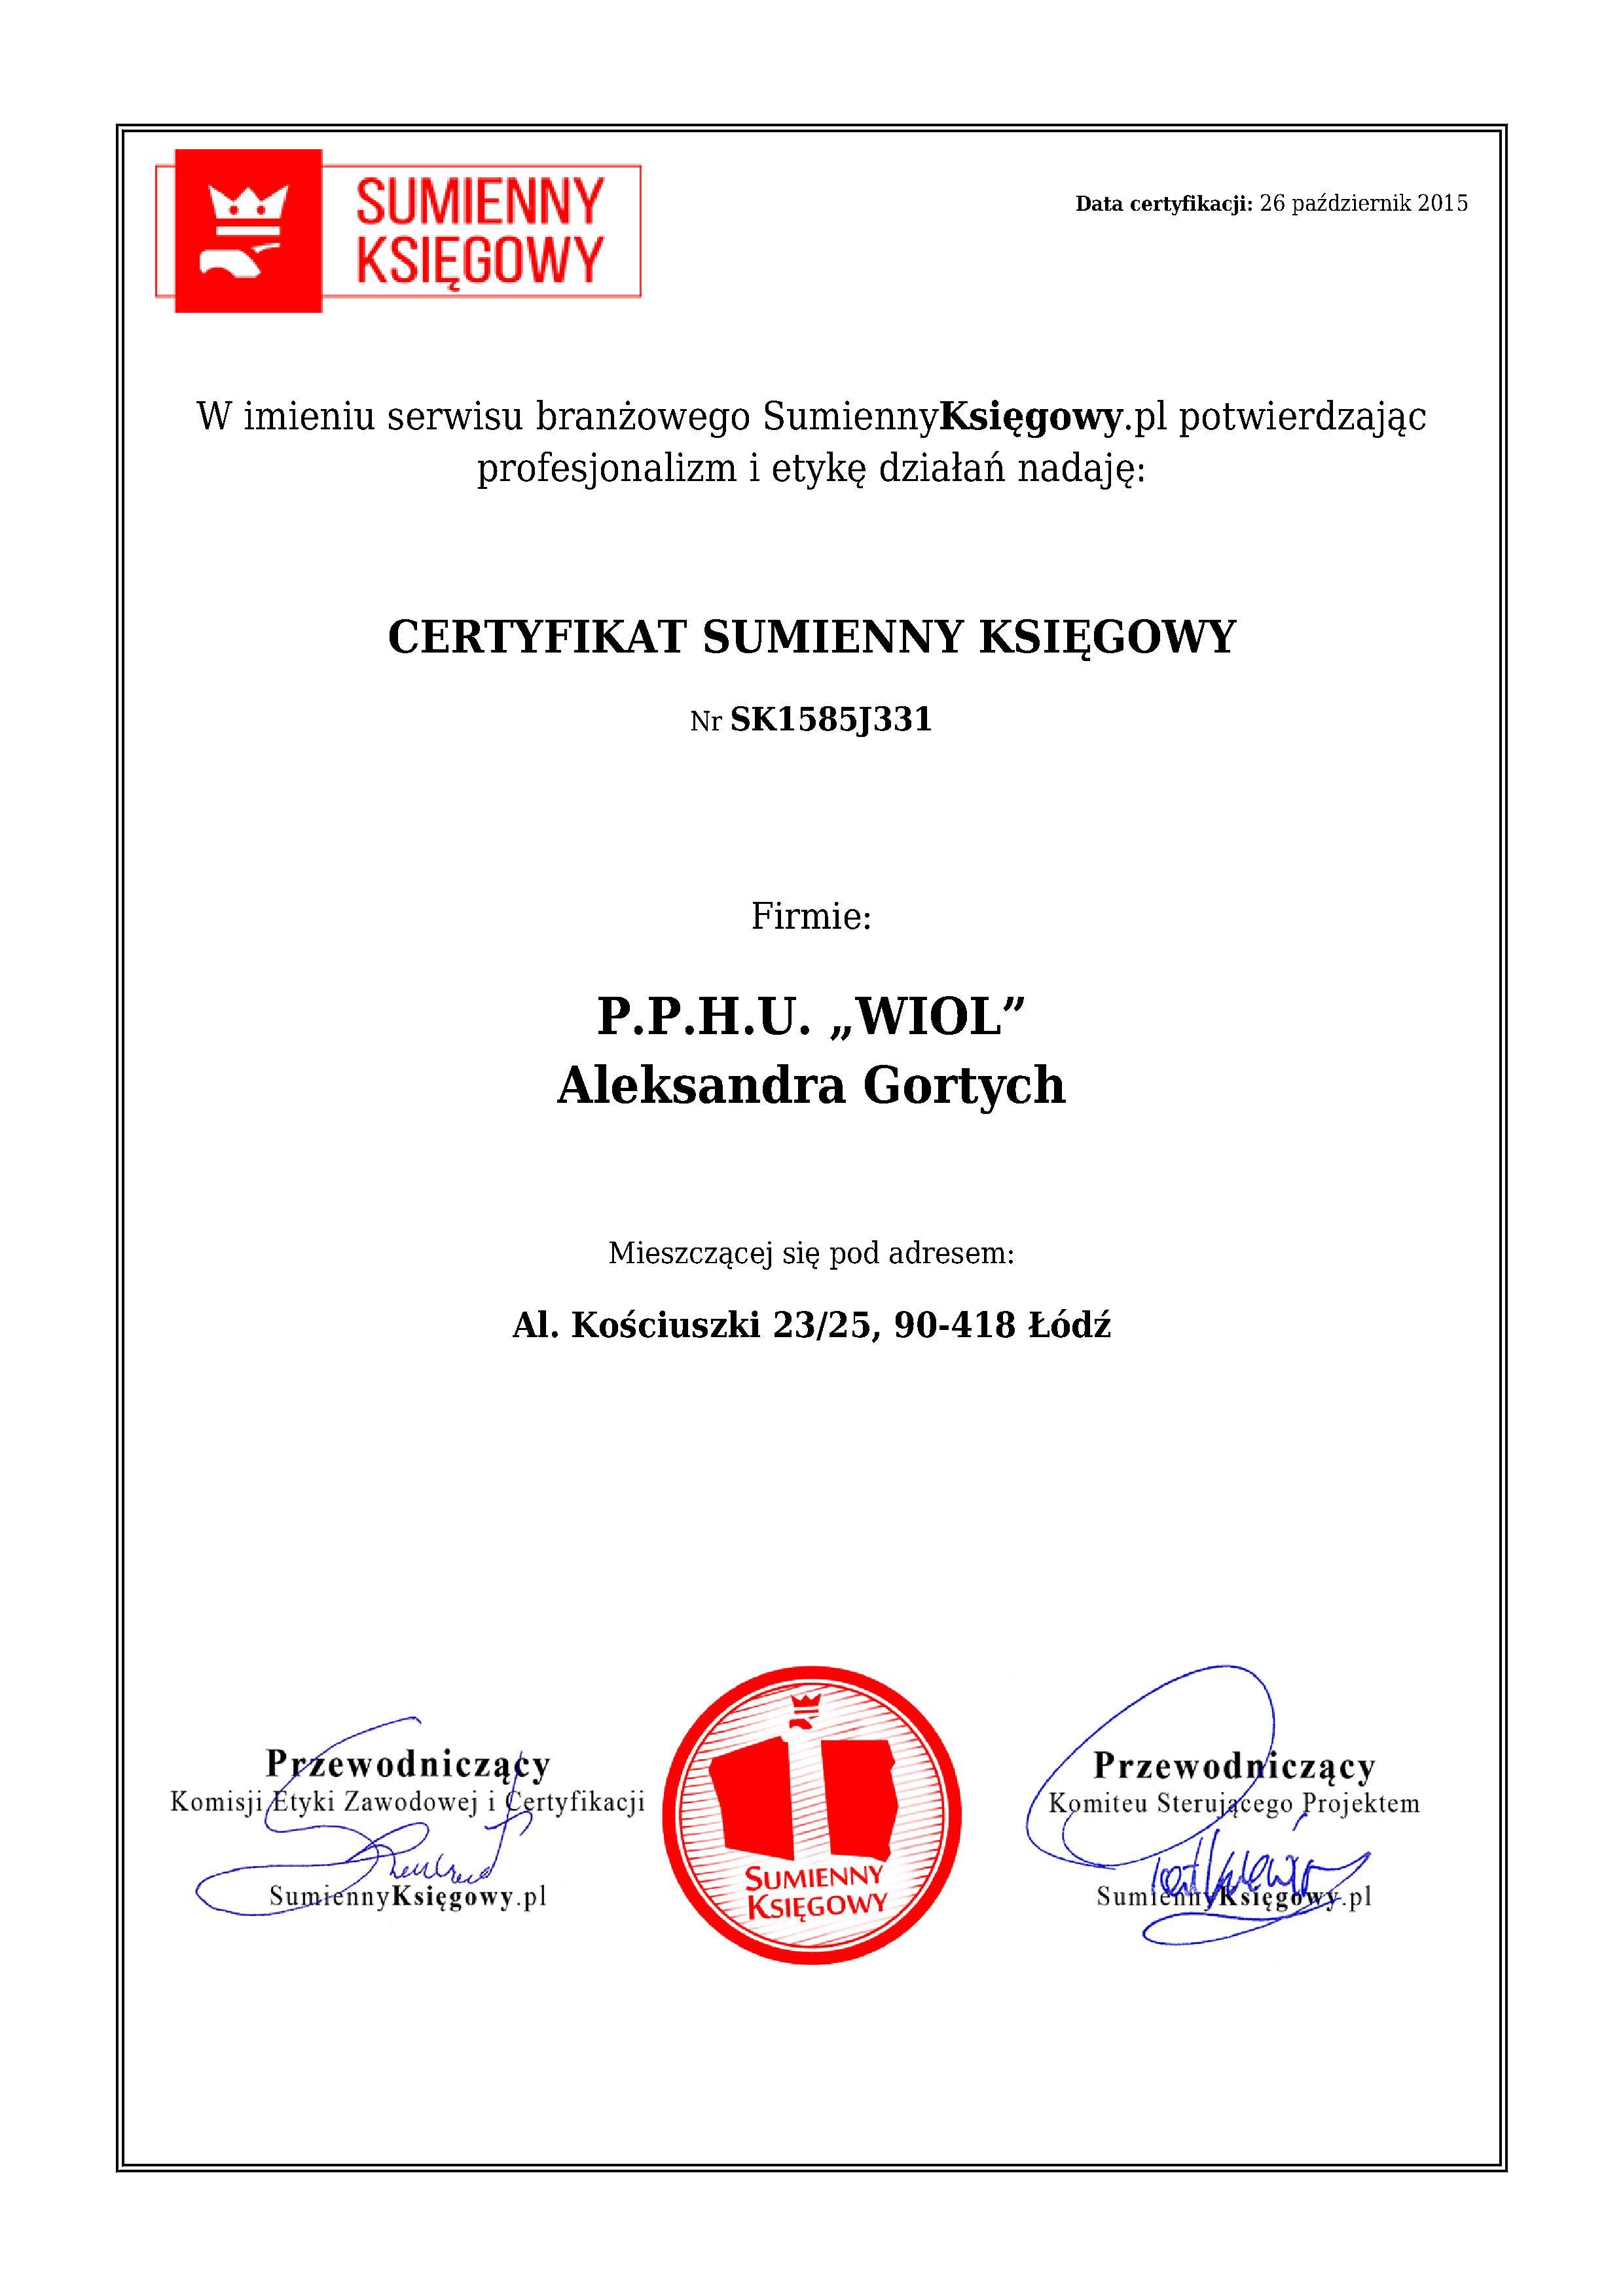 """Certyfikat P.P.H.U. """"WIOL"""" Aleksandra Gortych"""